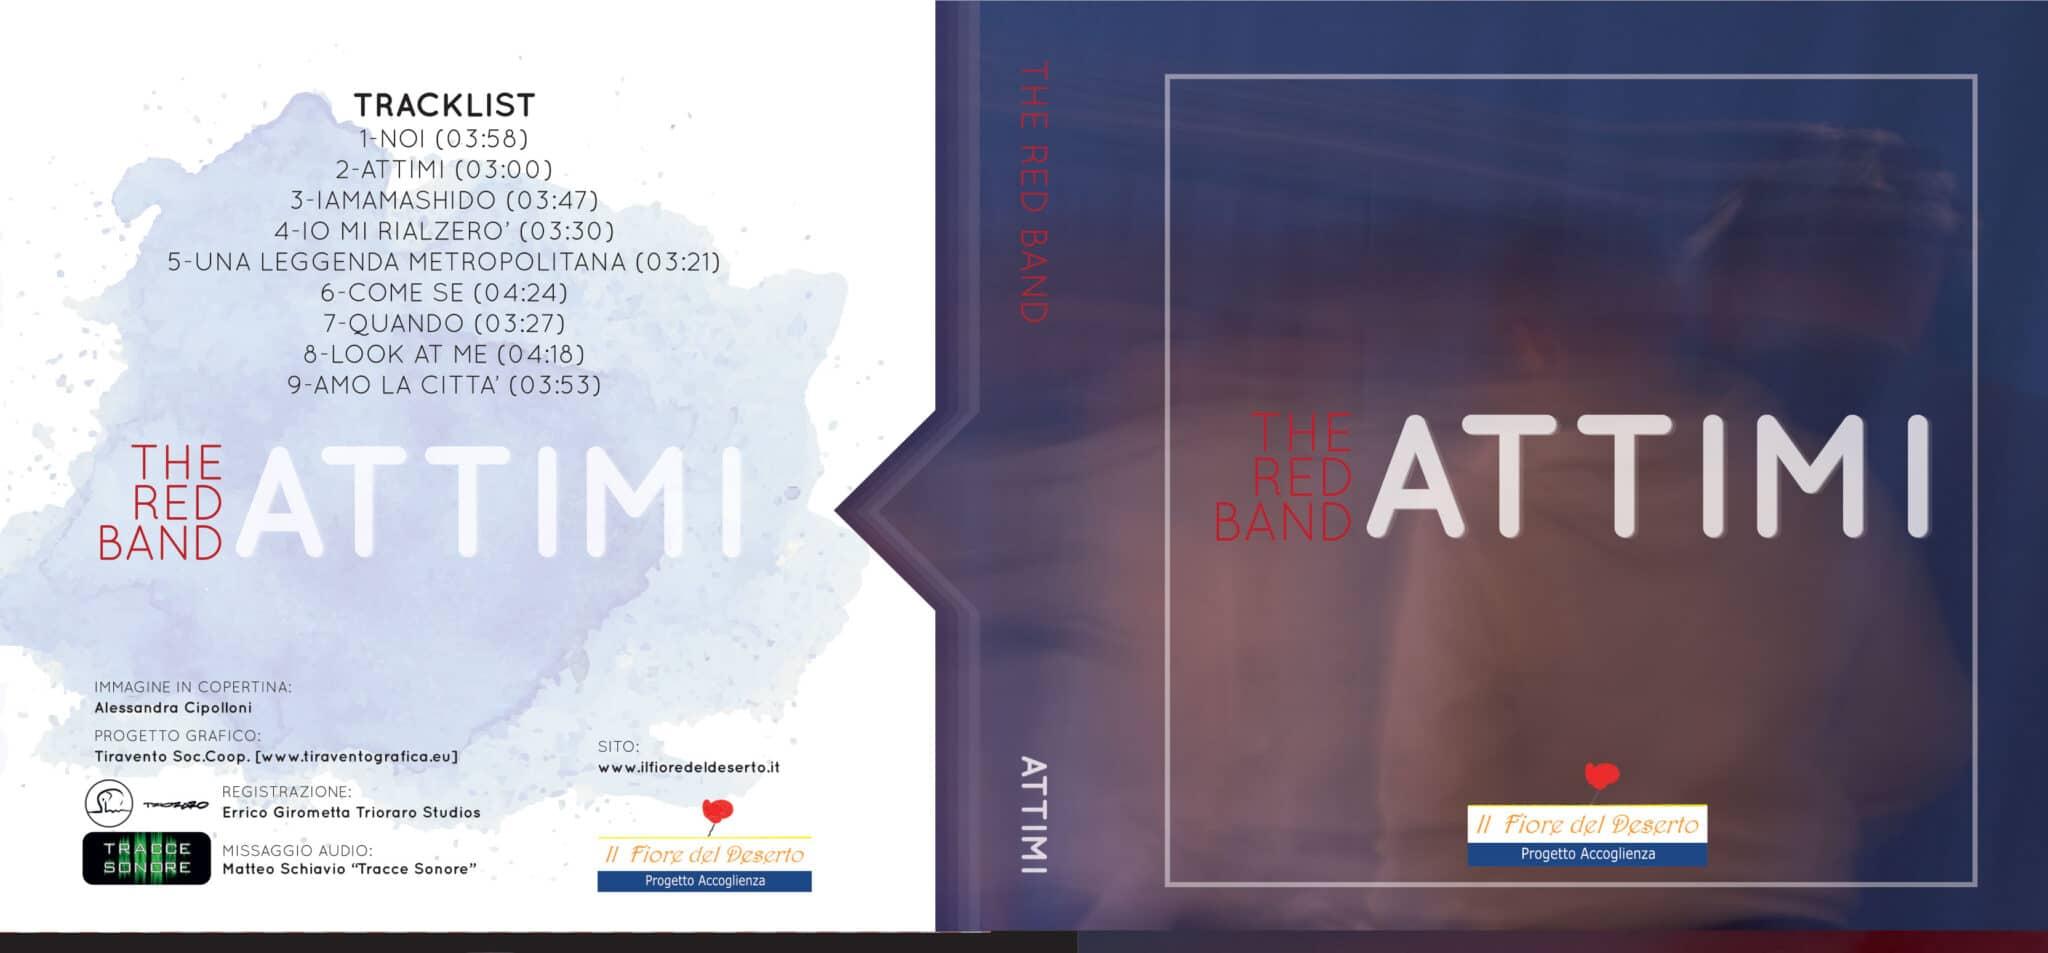 """IAMAMASHIDO Concerto per la presentazione del CD """"Attimi"""" della The Red Band 1"""